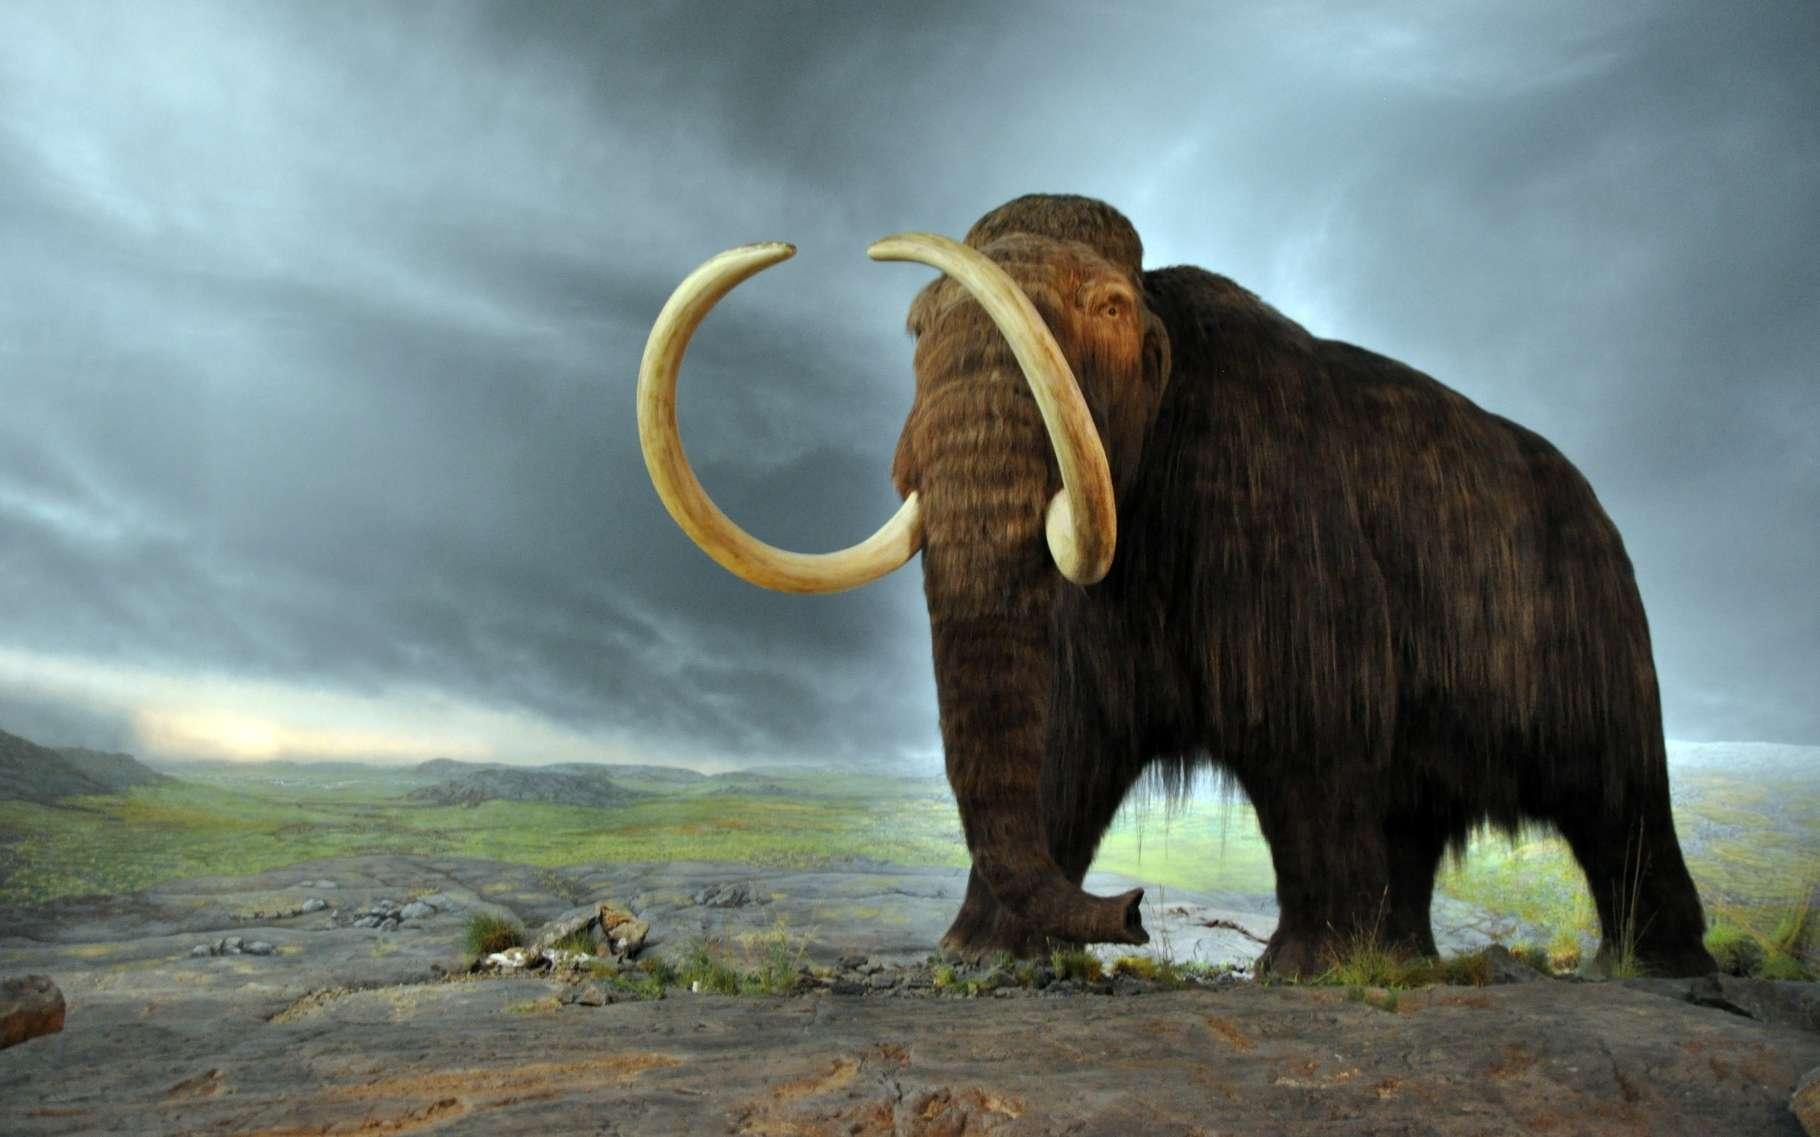 Le mammouth laineux avait une fourrure d'hiver, avec des poils de 90 cm et une couche de graisse de 10 cm. L'été, la fourrure se faisait plus légère. © Flying Puffin, Wikipédia, cc by sa 2.0